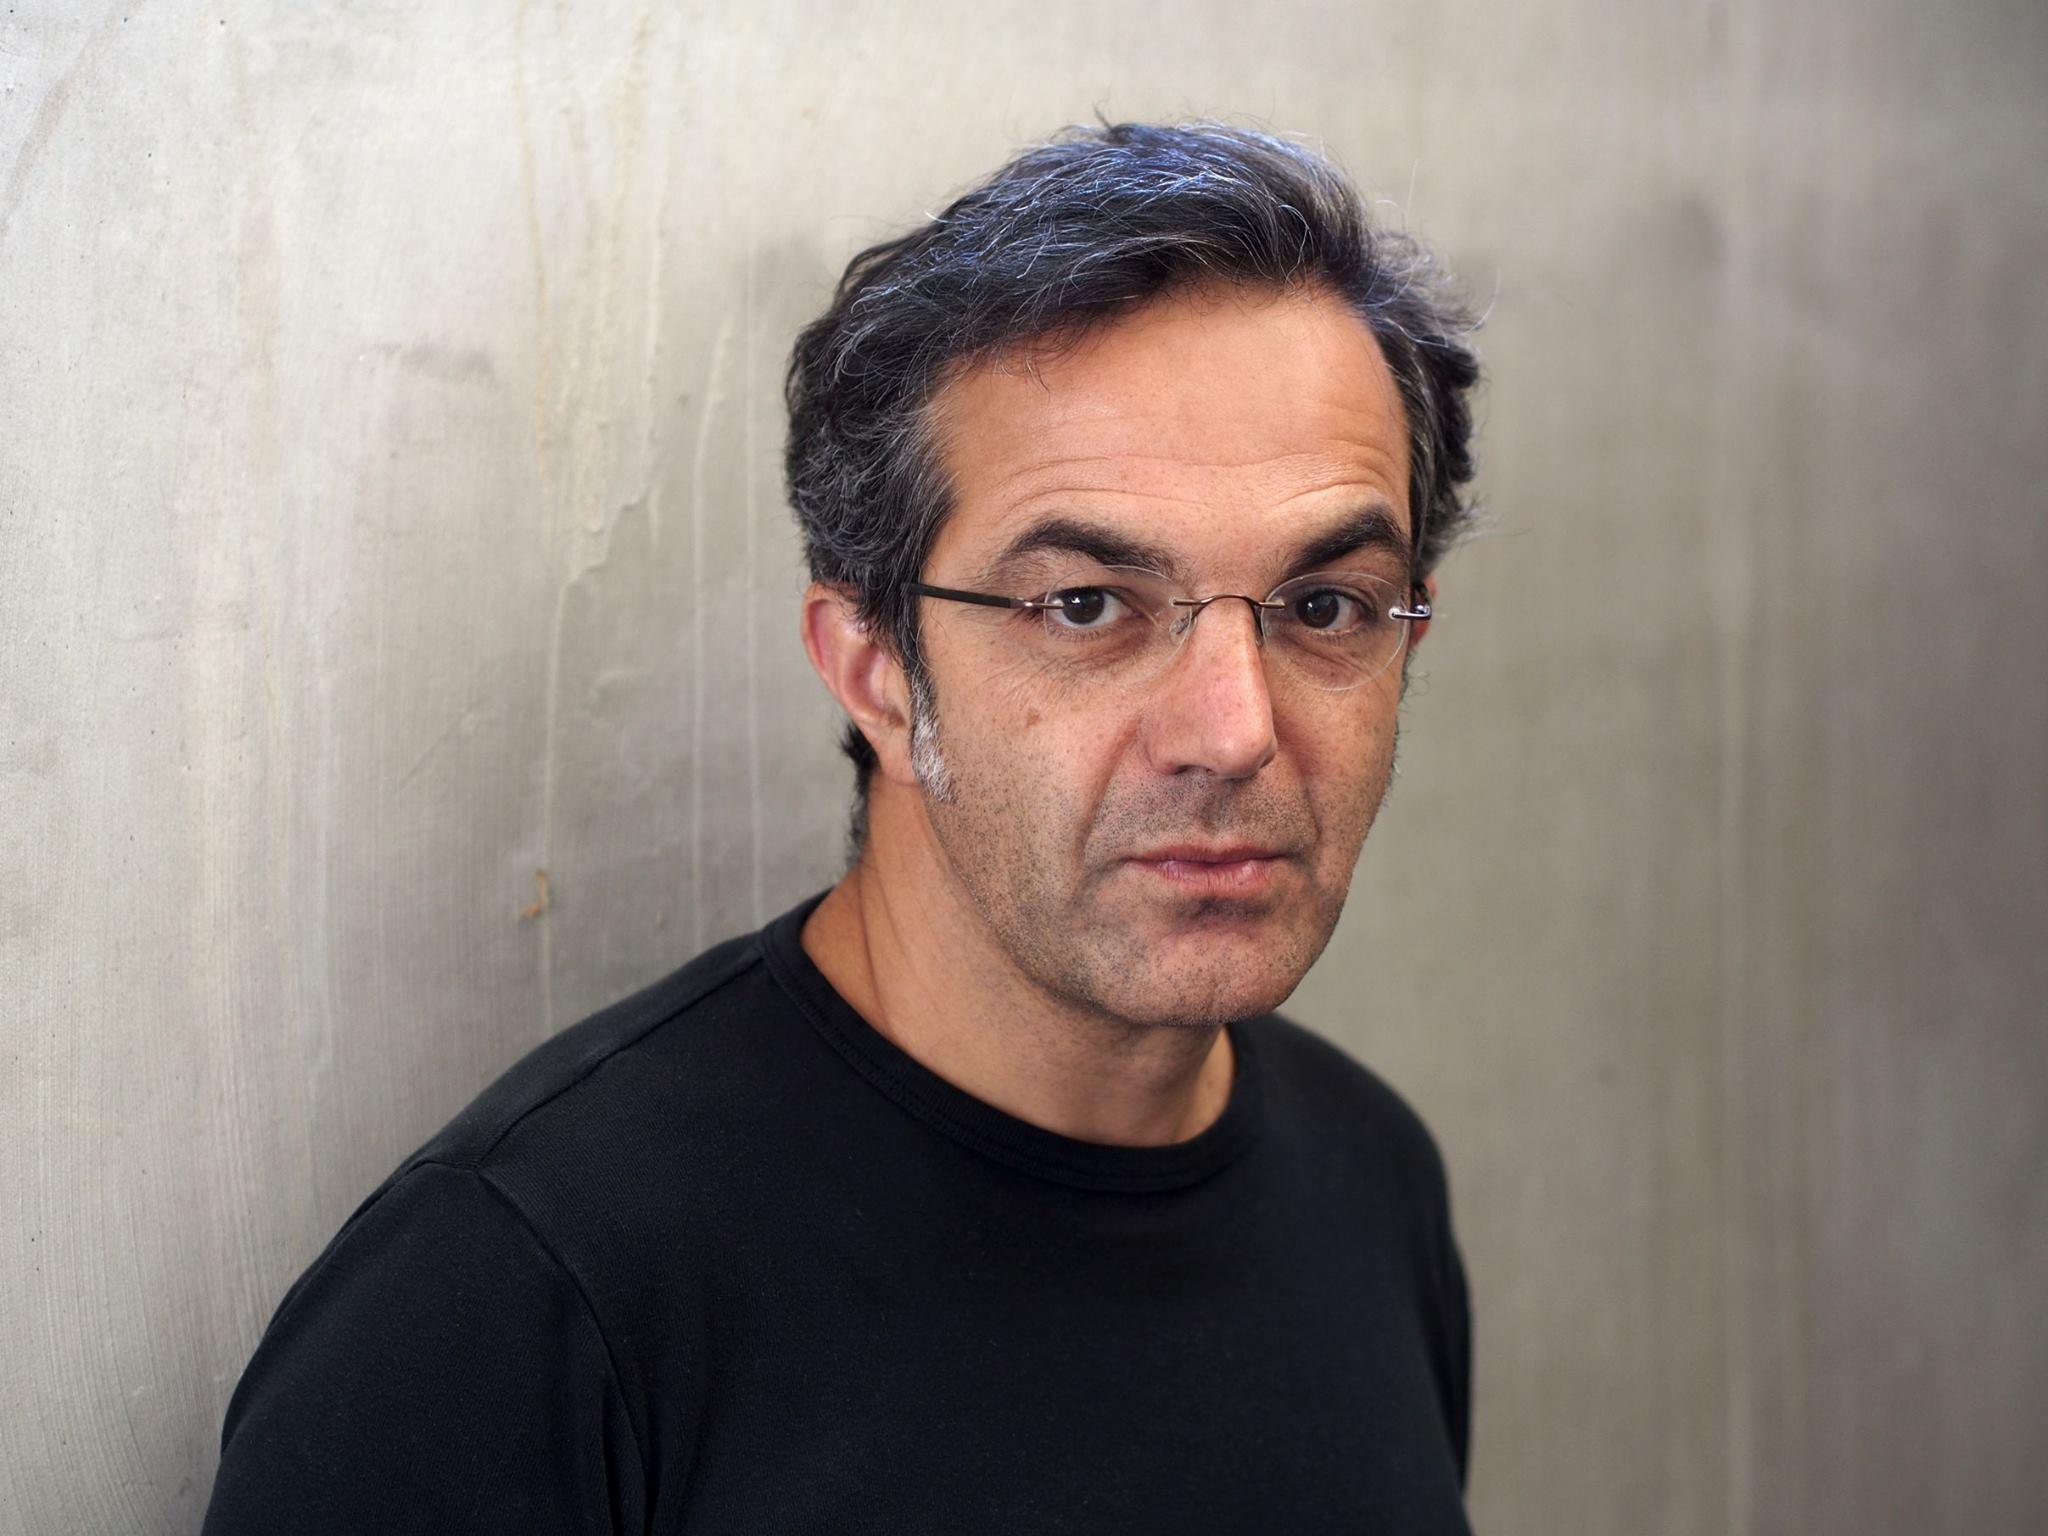 Navid Kermani | (c) Peter-Anton Hassiepen